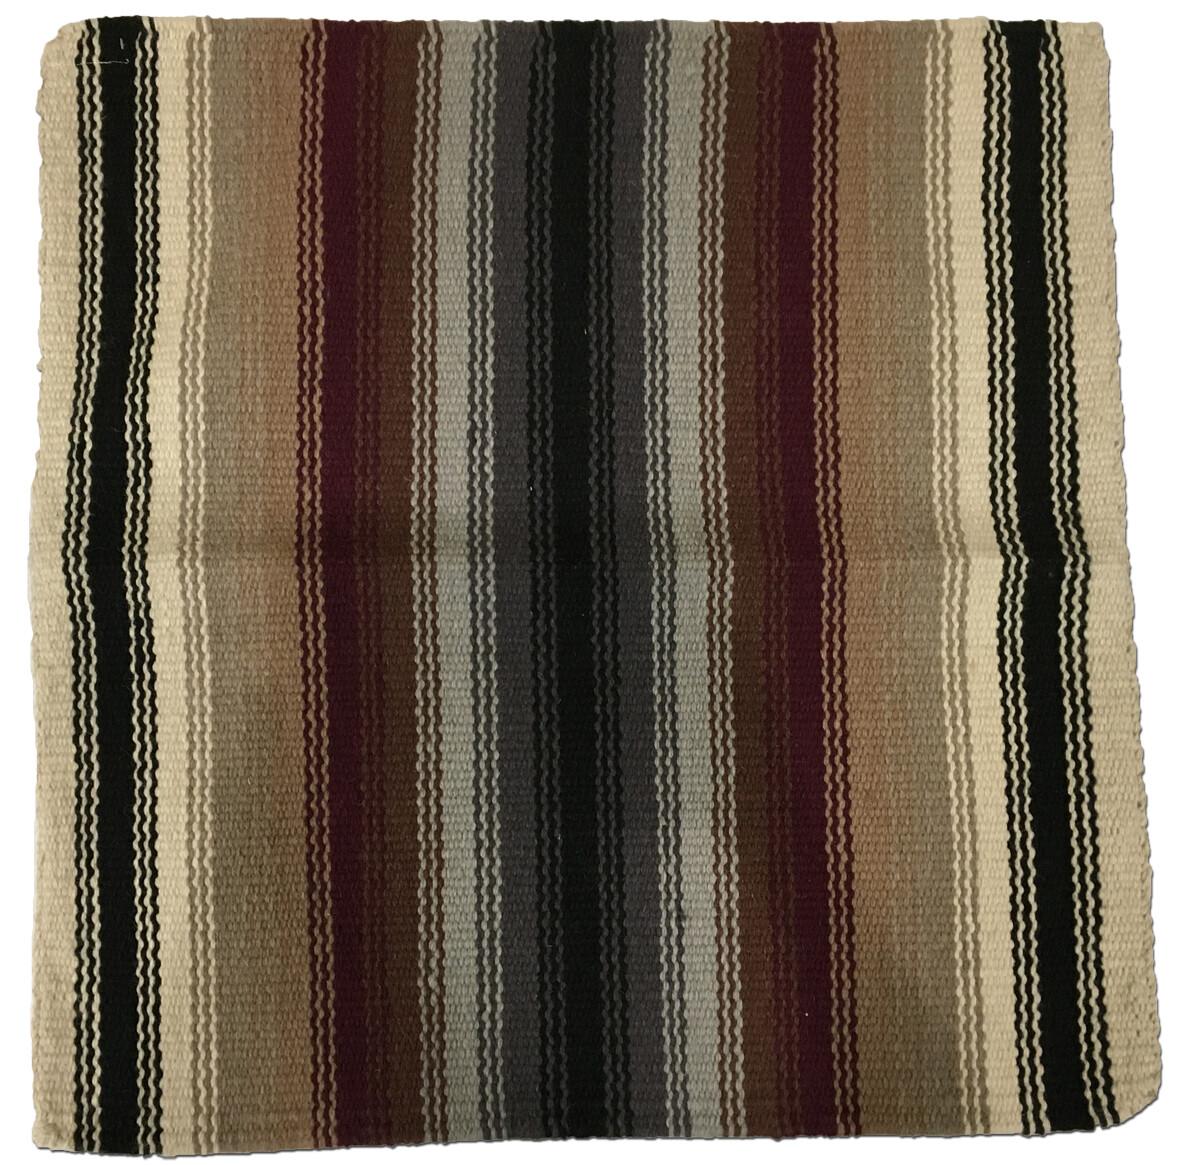 4lb Saddle Blanket 352